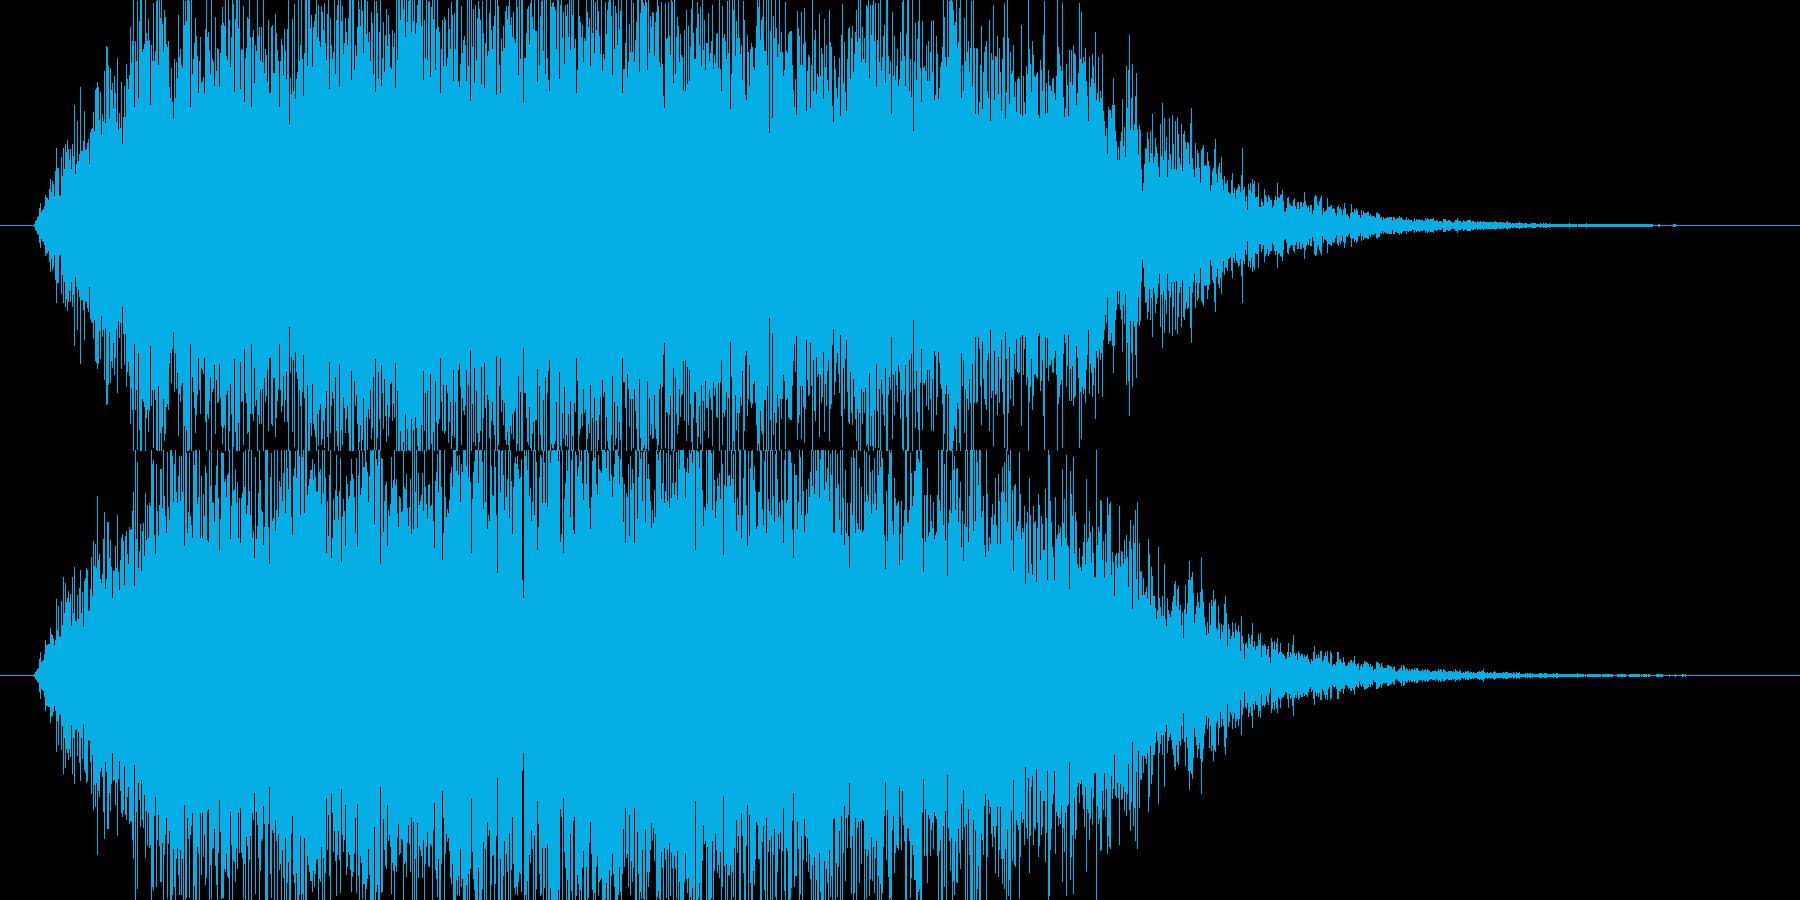 シュワー(ゲーム、アプリ、サウンドロゴ)の再生済みの波形